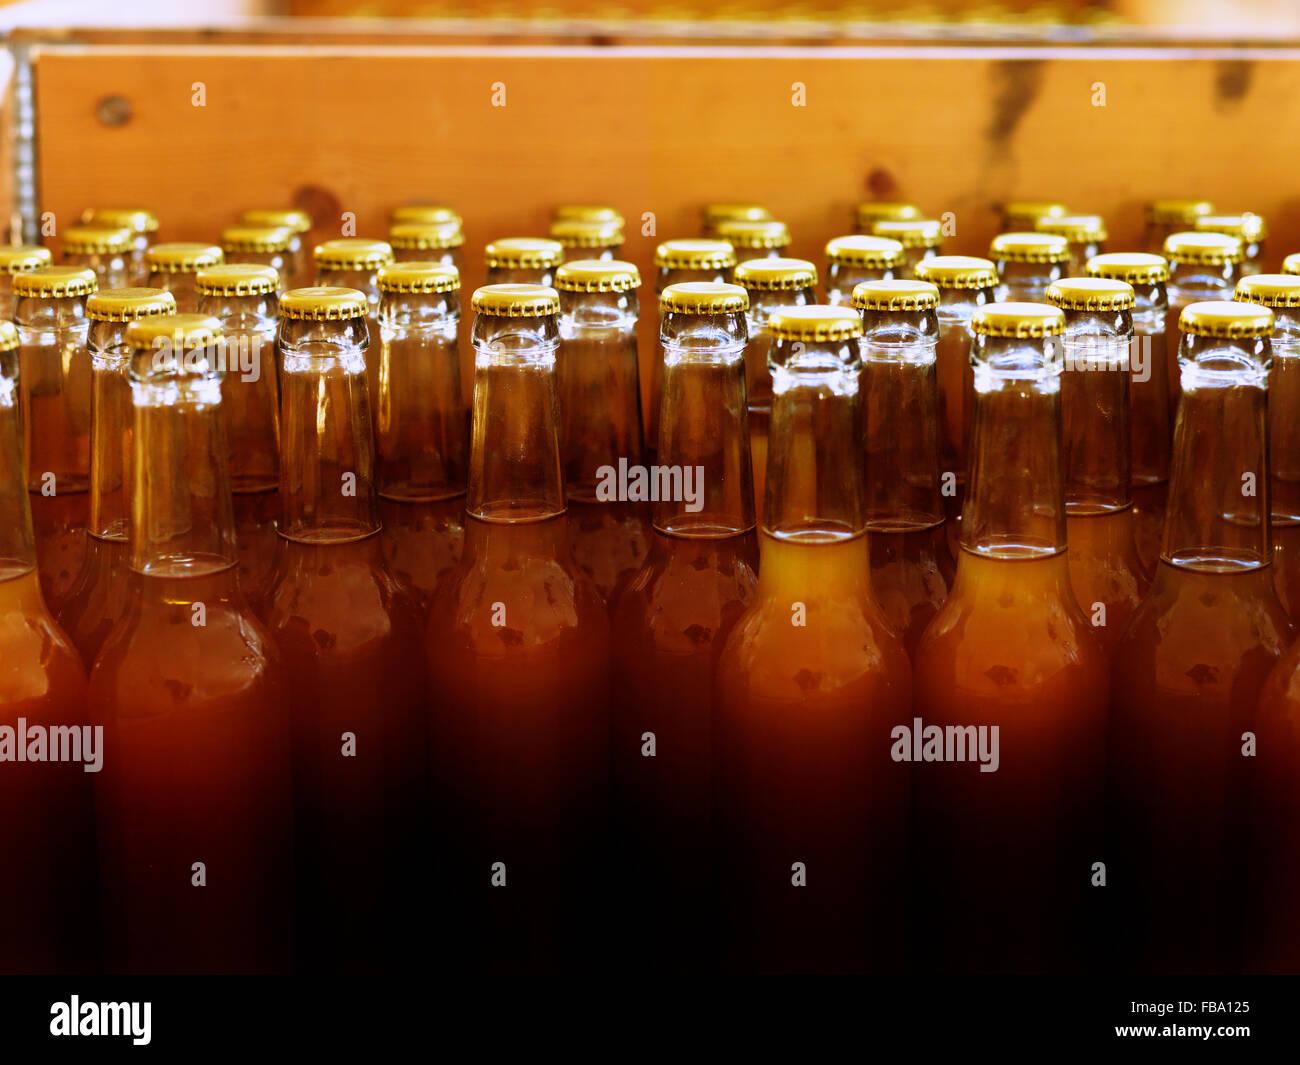 La Suède, avec des bouteilles non étiquetées et tops fermé rempli de lumière liquide brun Photo Stock